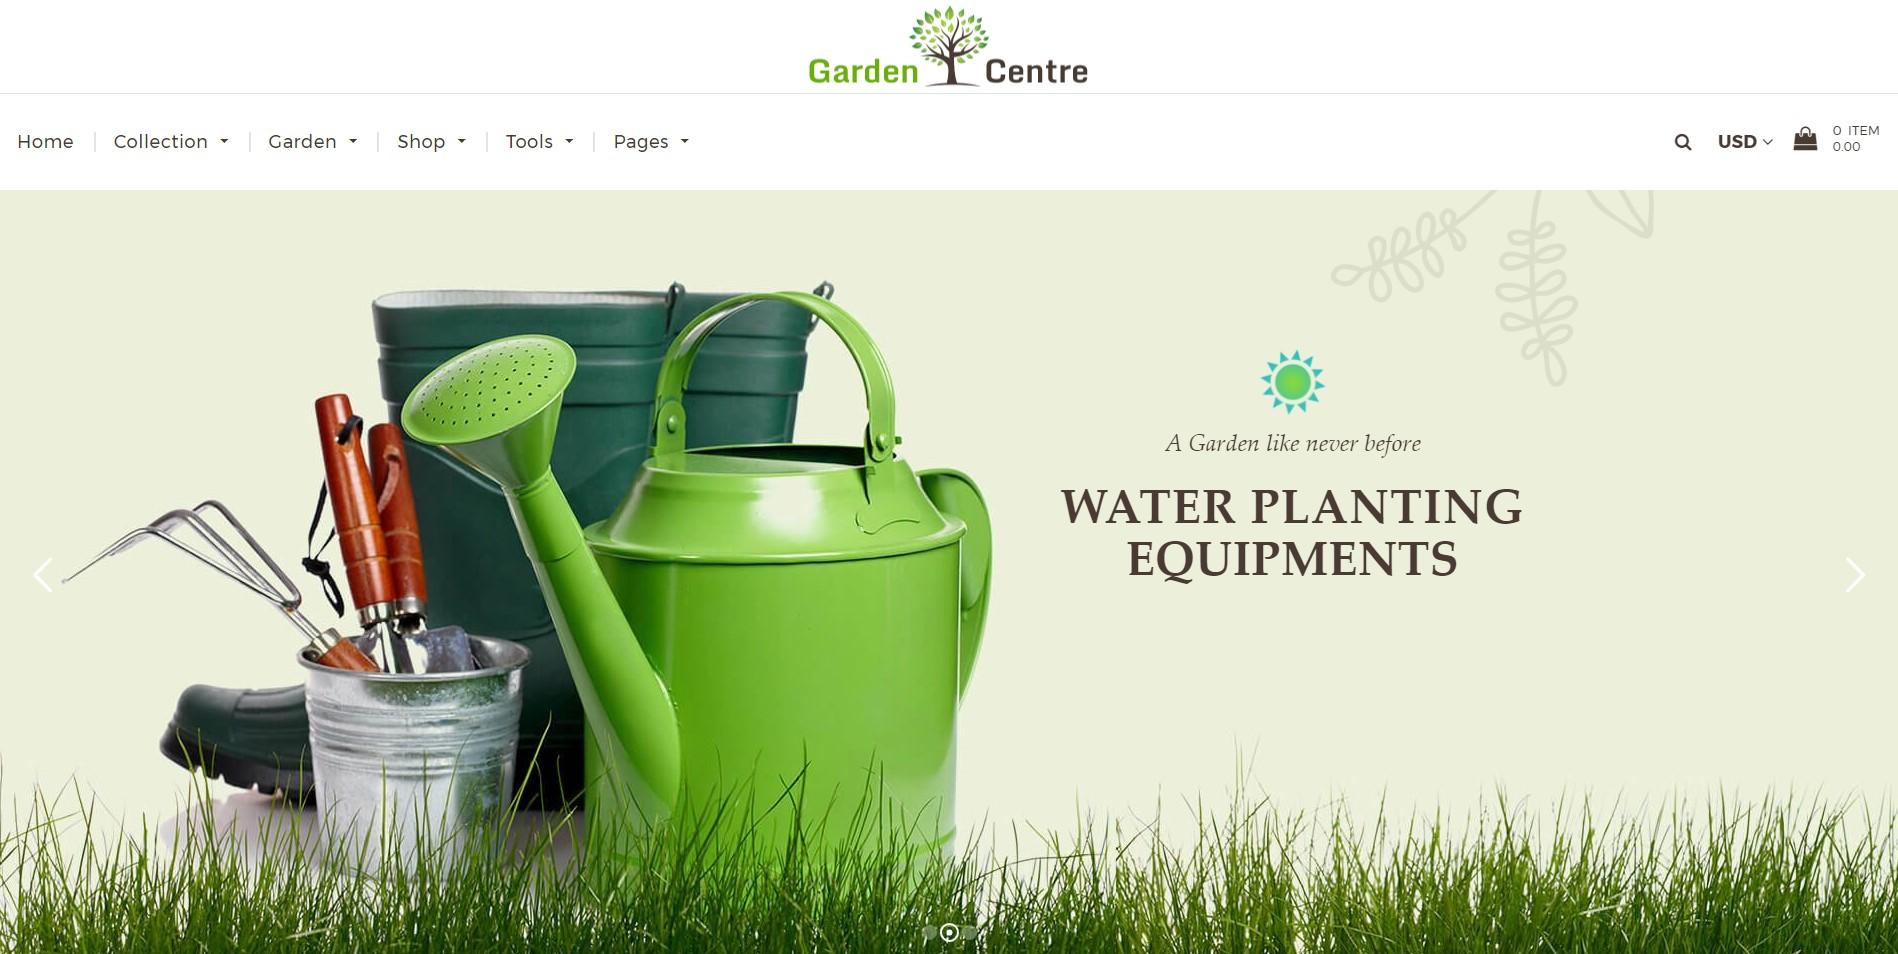 Garden Centre theme